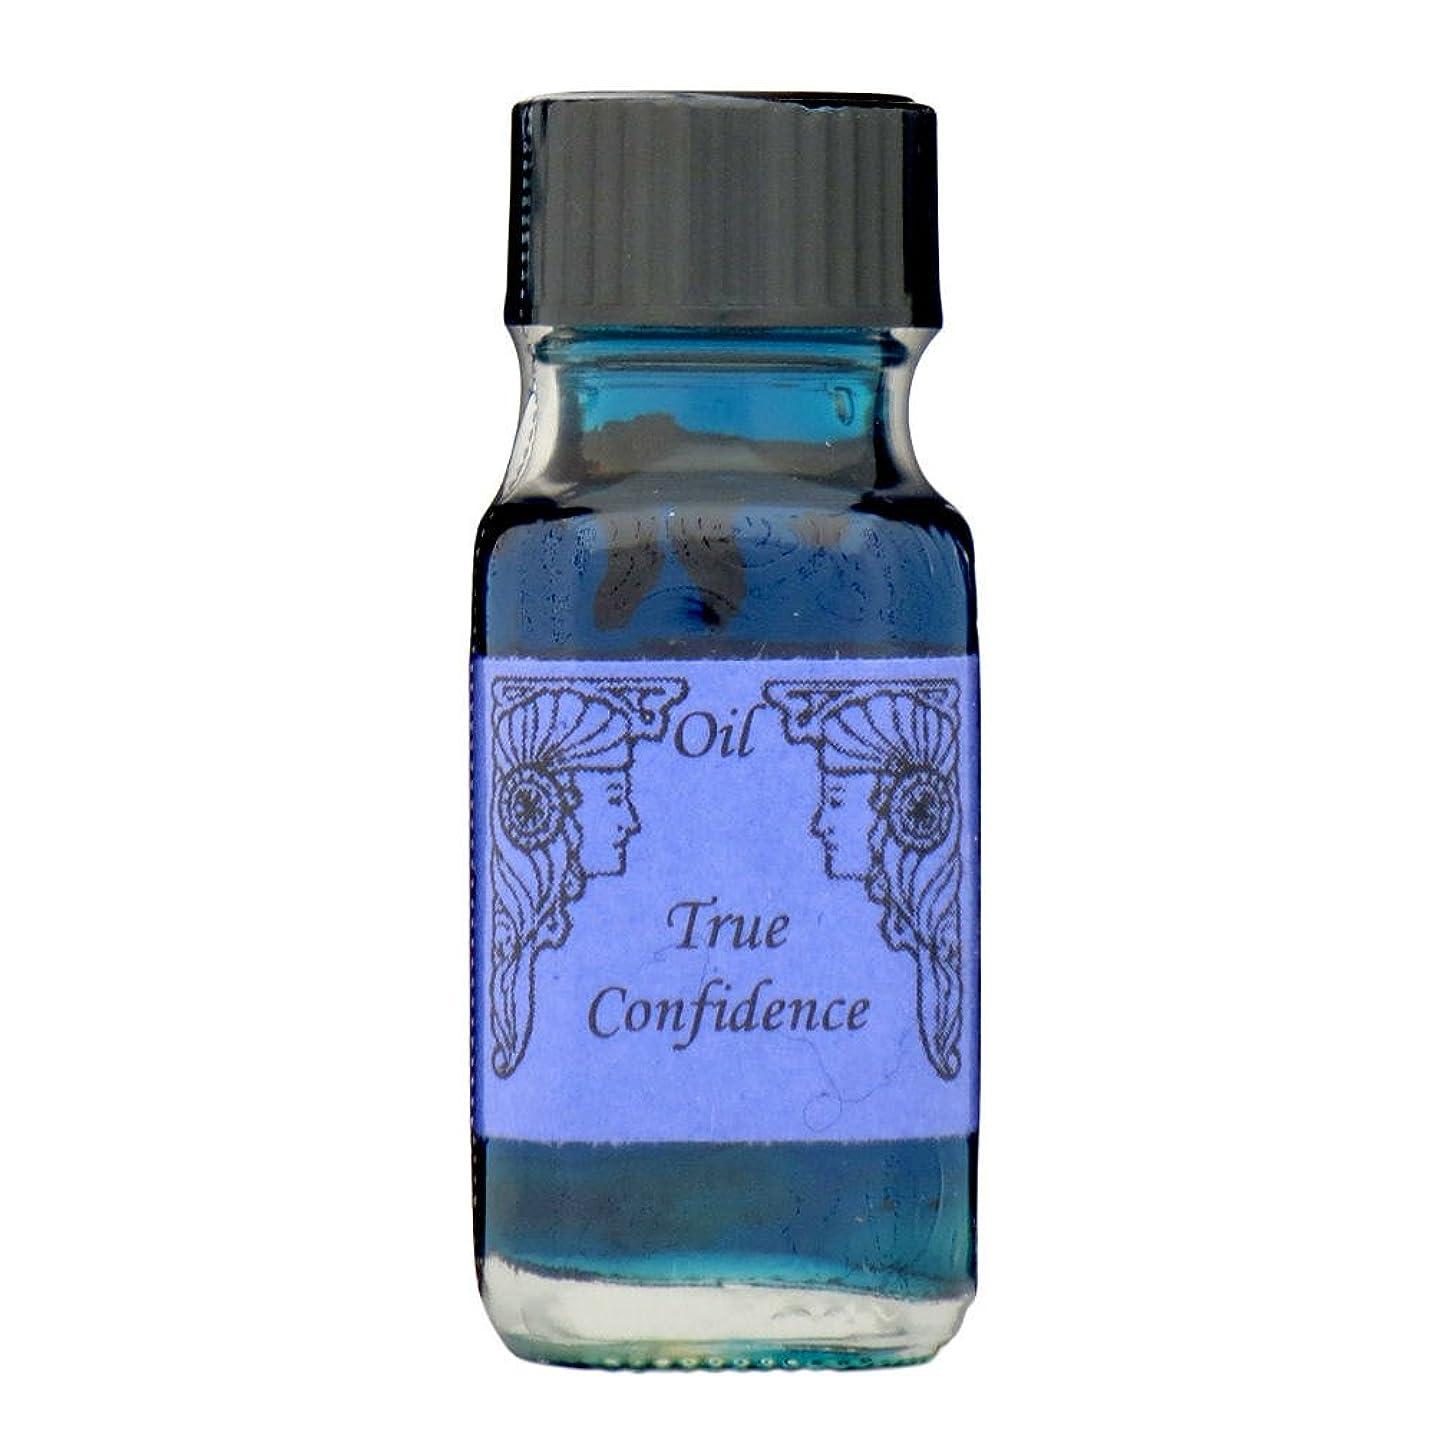 庭園陰謀同化アンシェントメモリーオイル トゥルーコンフィデンス (真の自信) 15ml (Ancient Memory Oils)